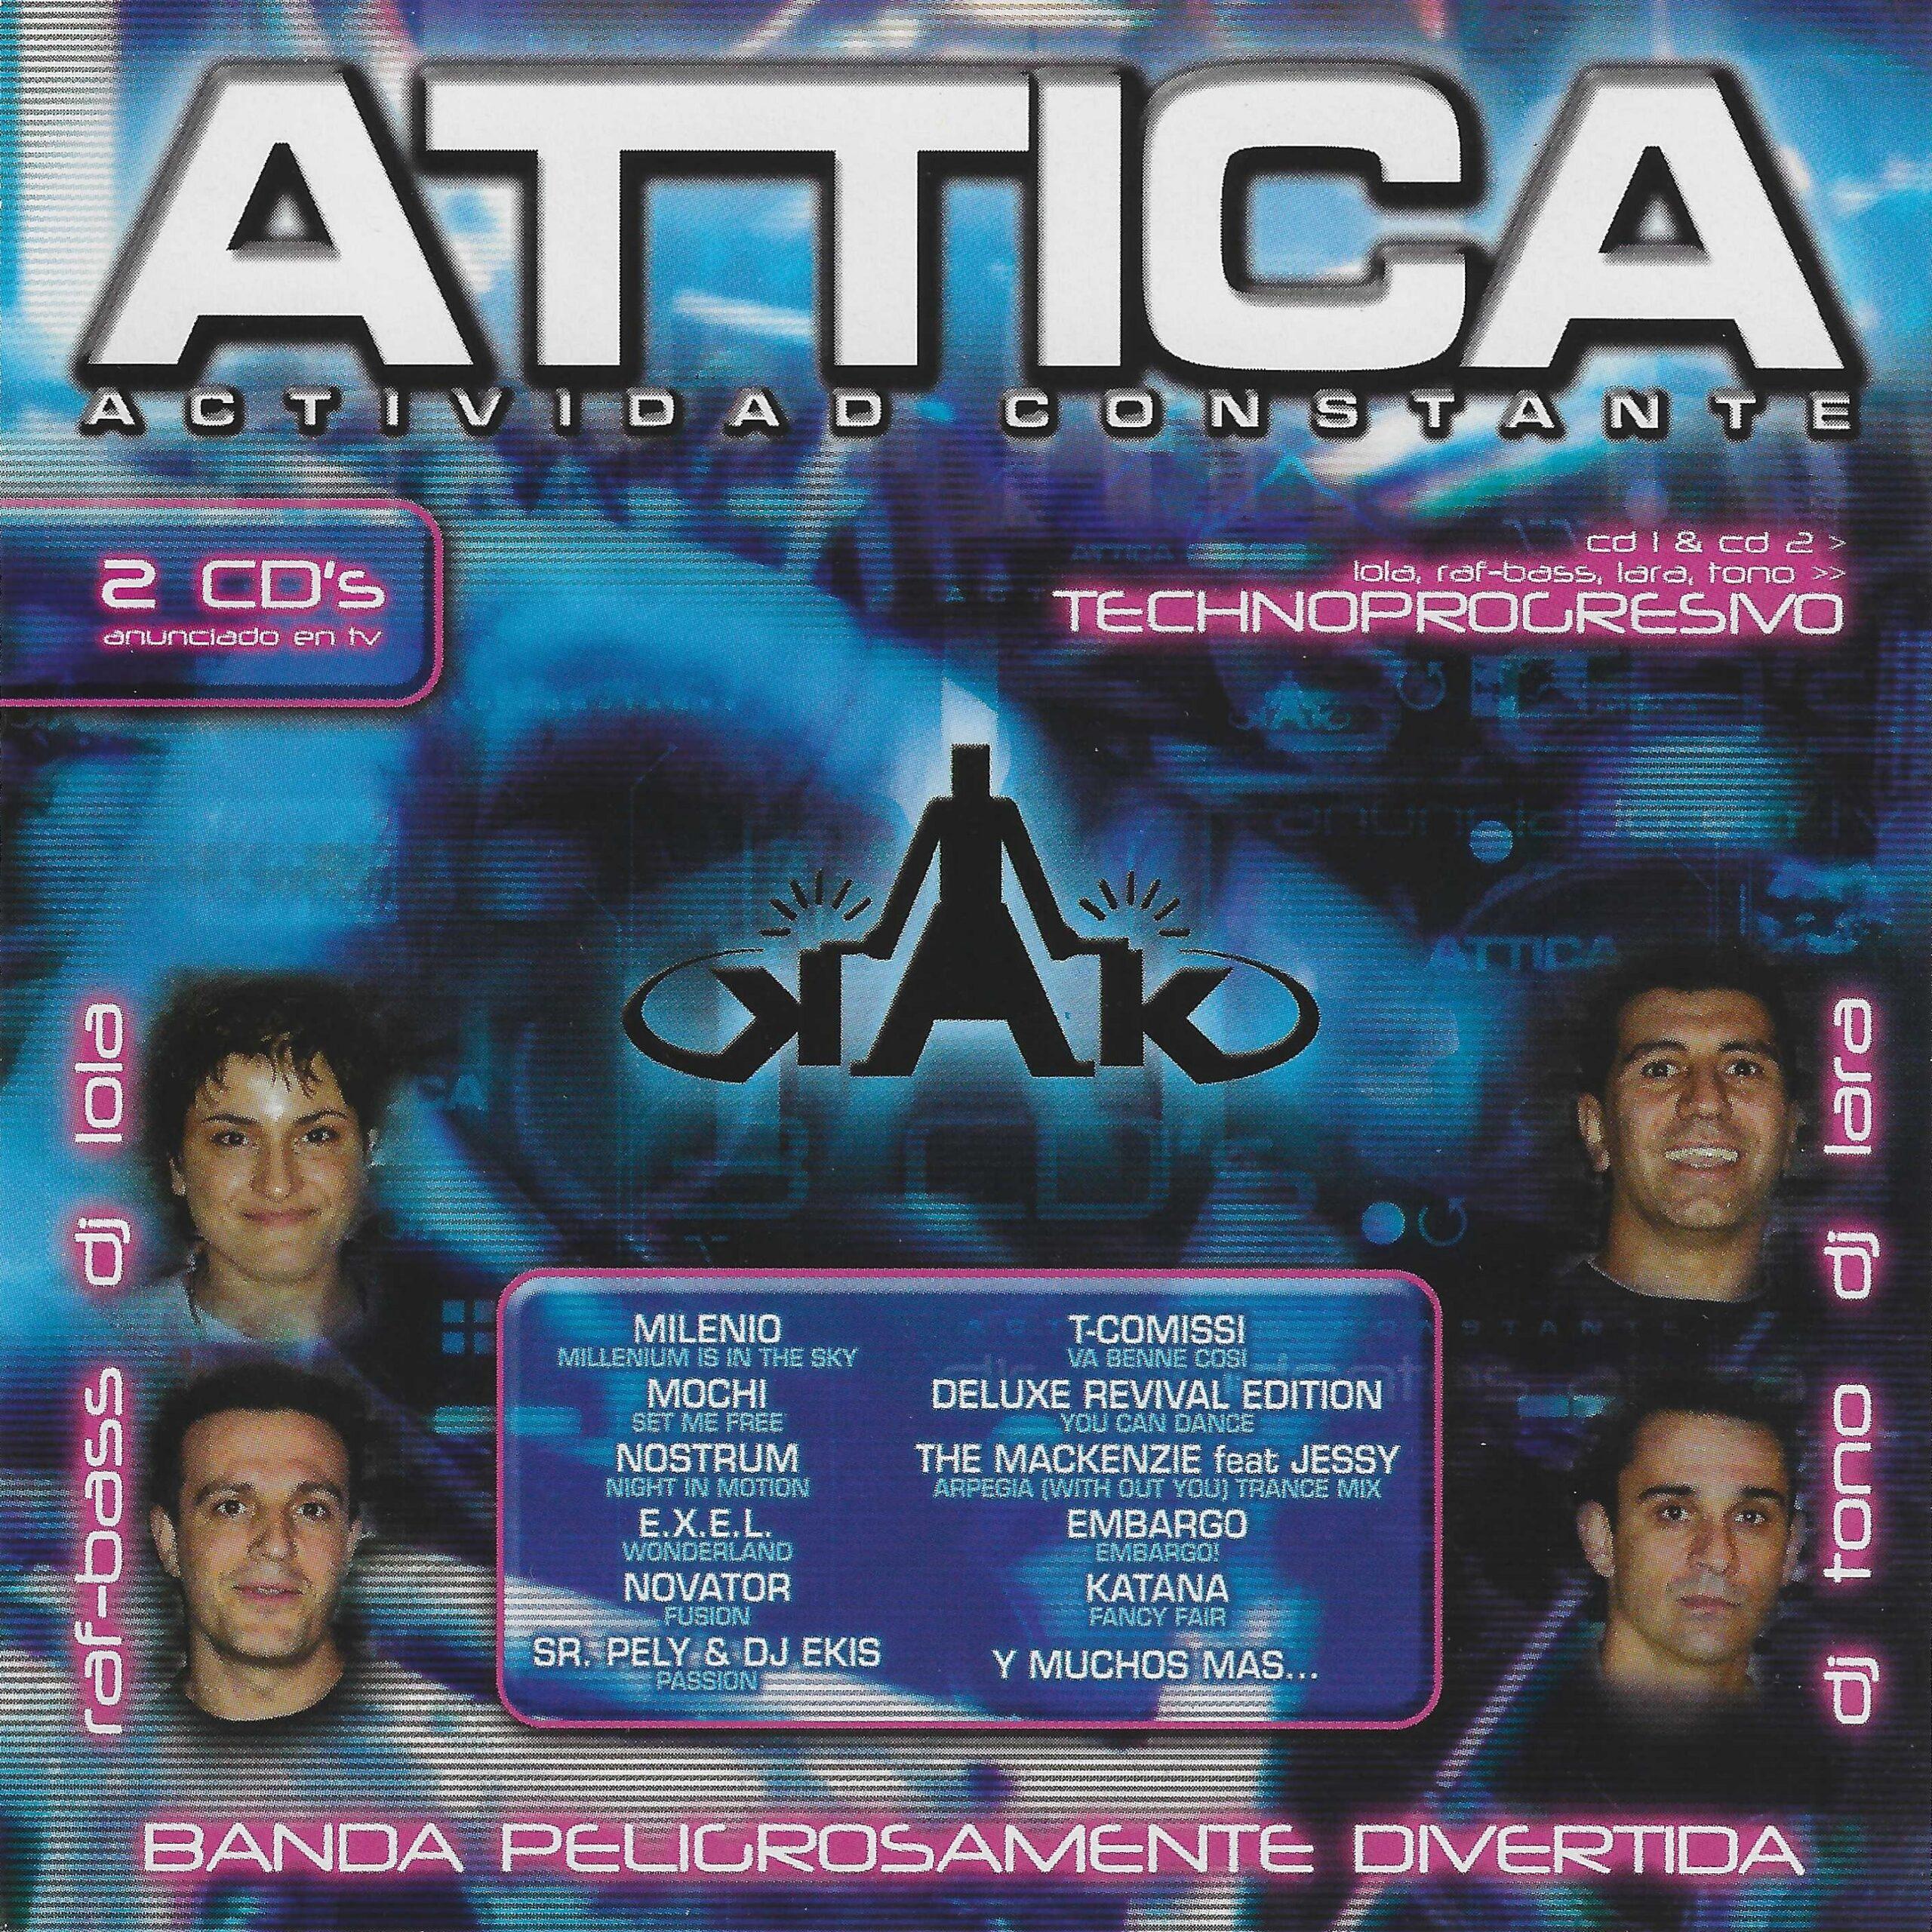 Attica – Actividad Constante Vol. 2